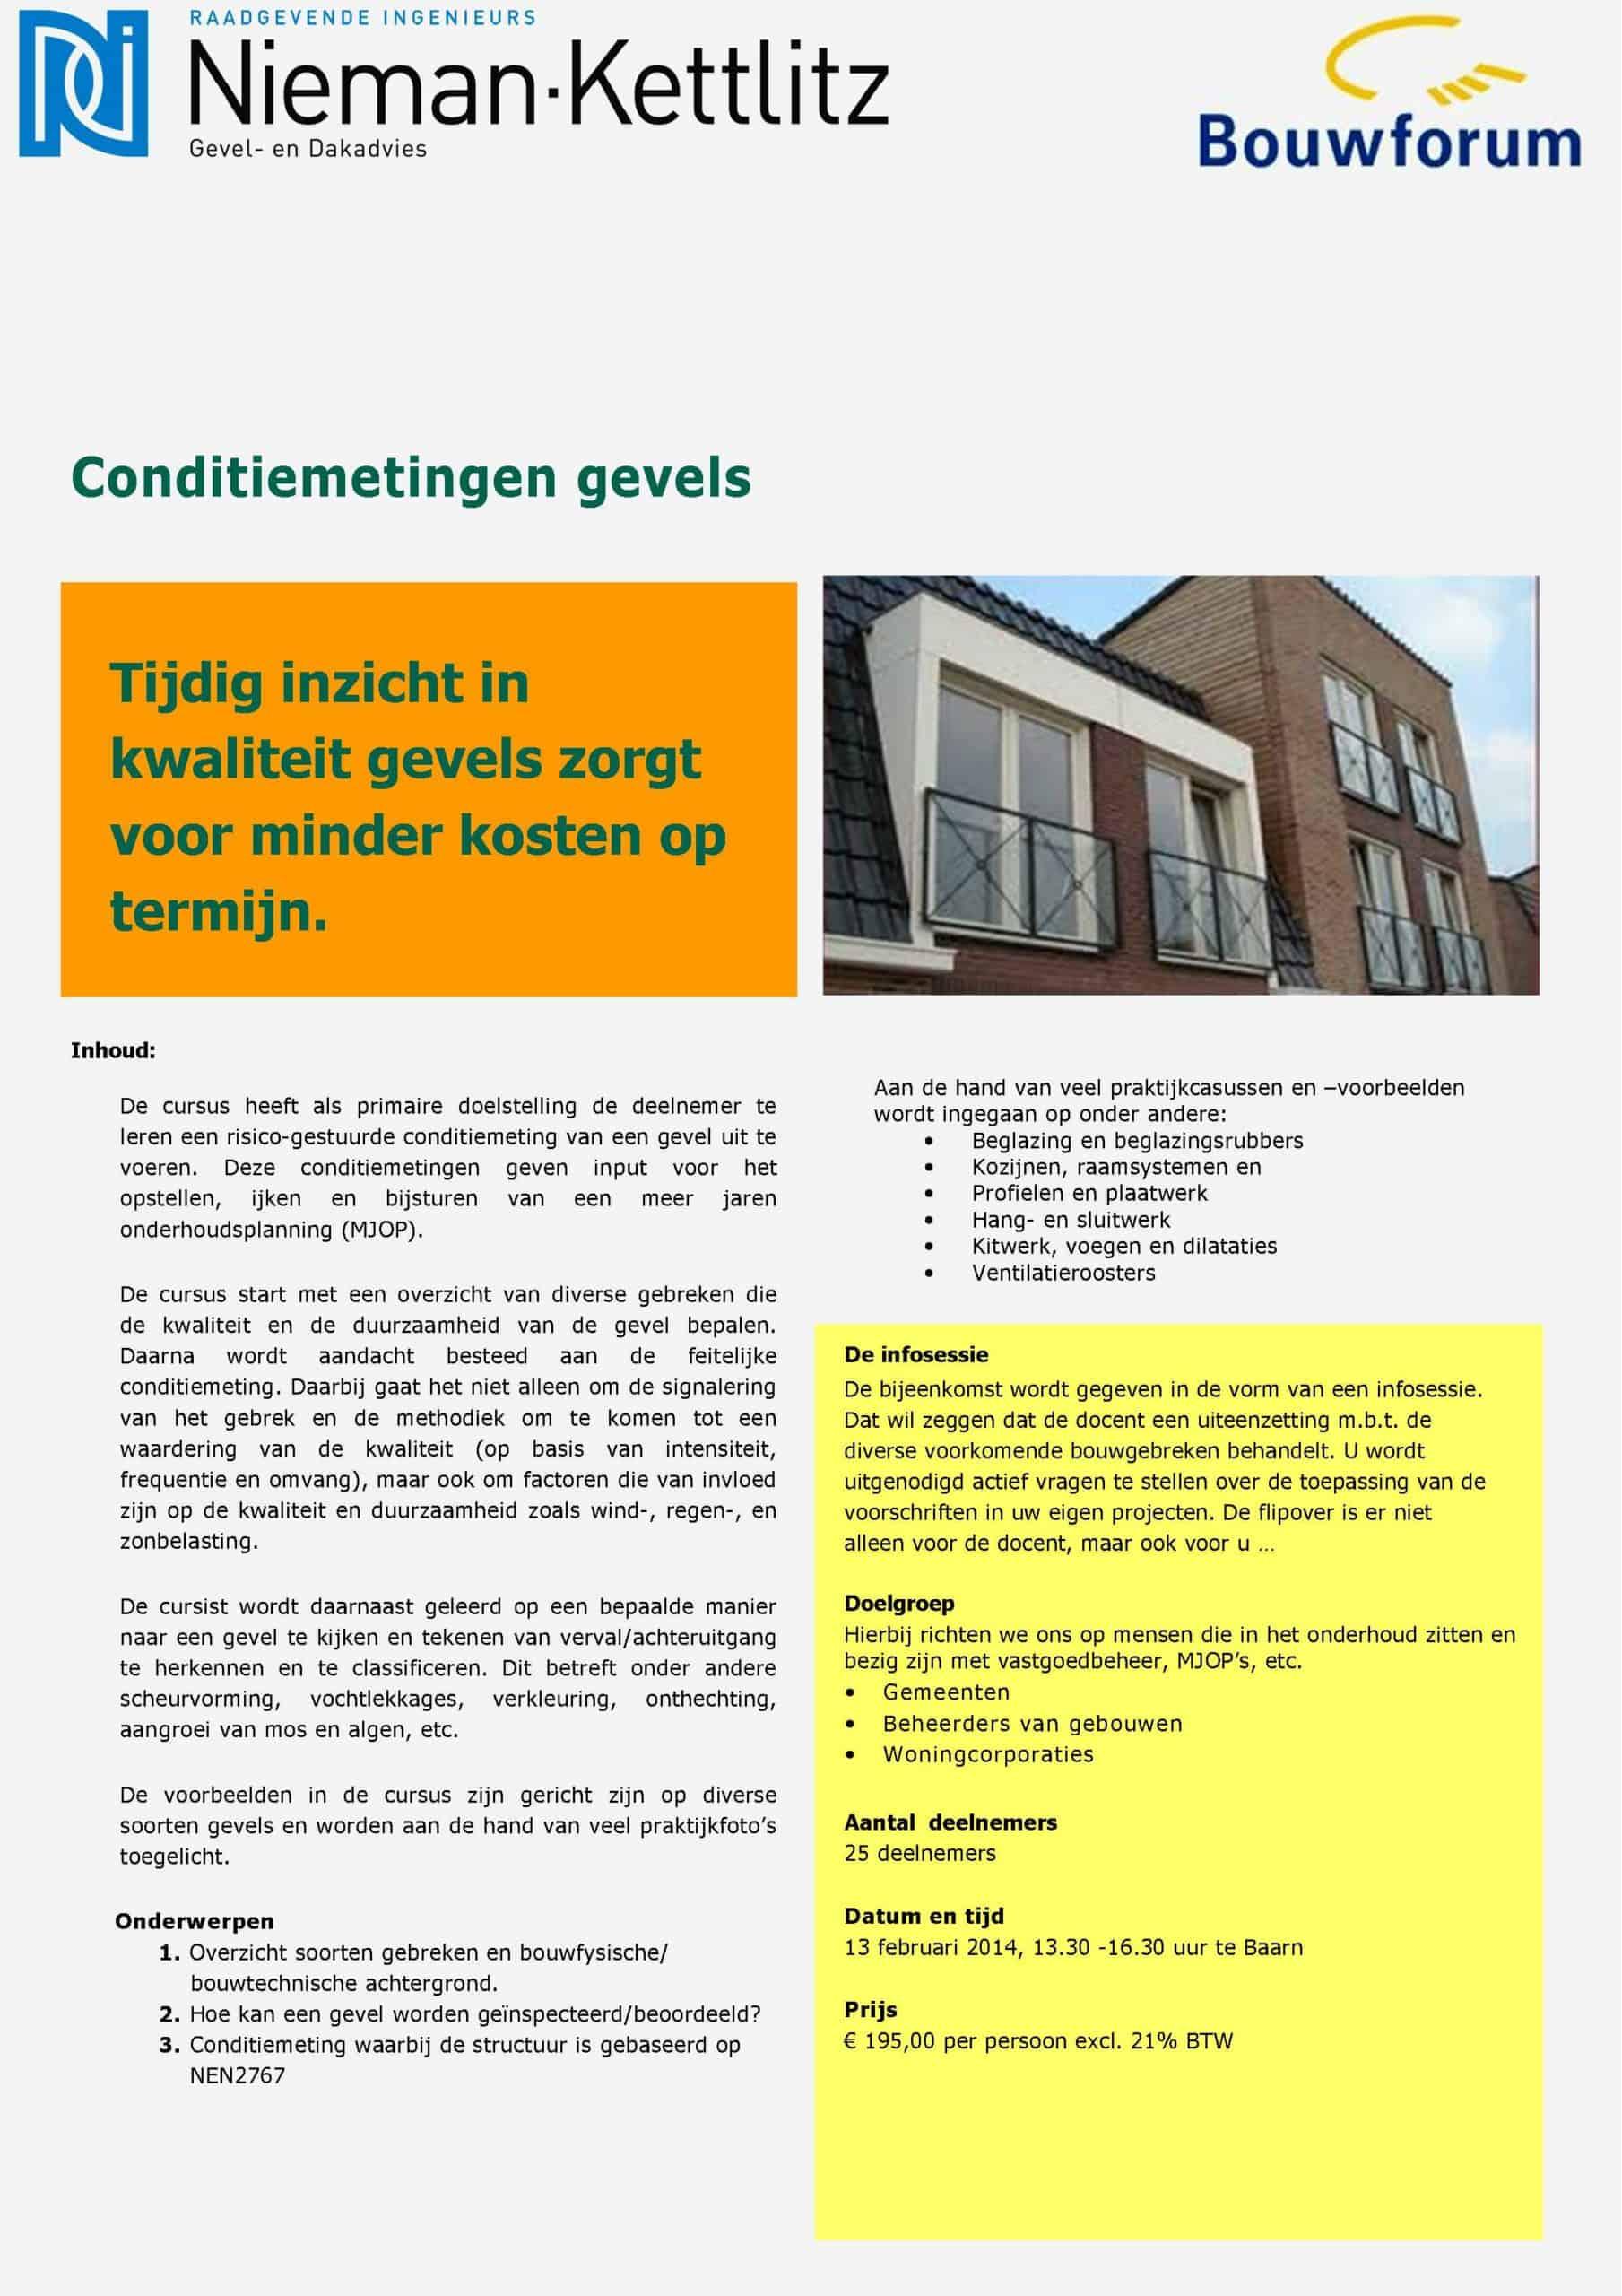 01-Info-Conditiemetingen-gevels-3-scaled